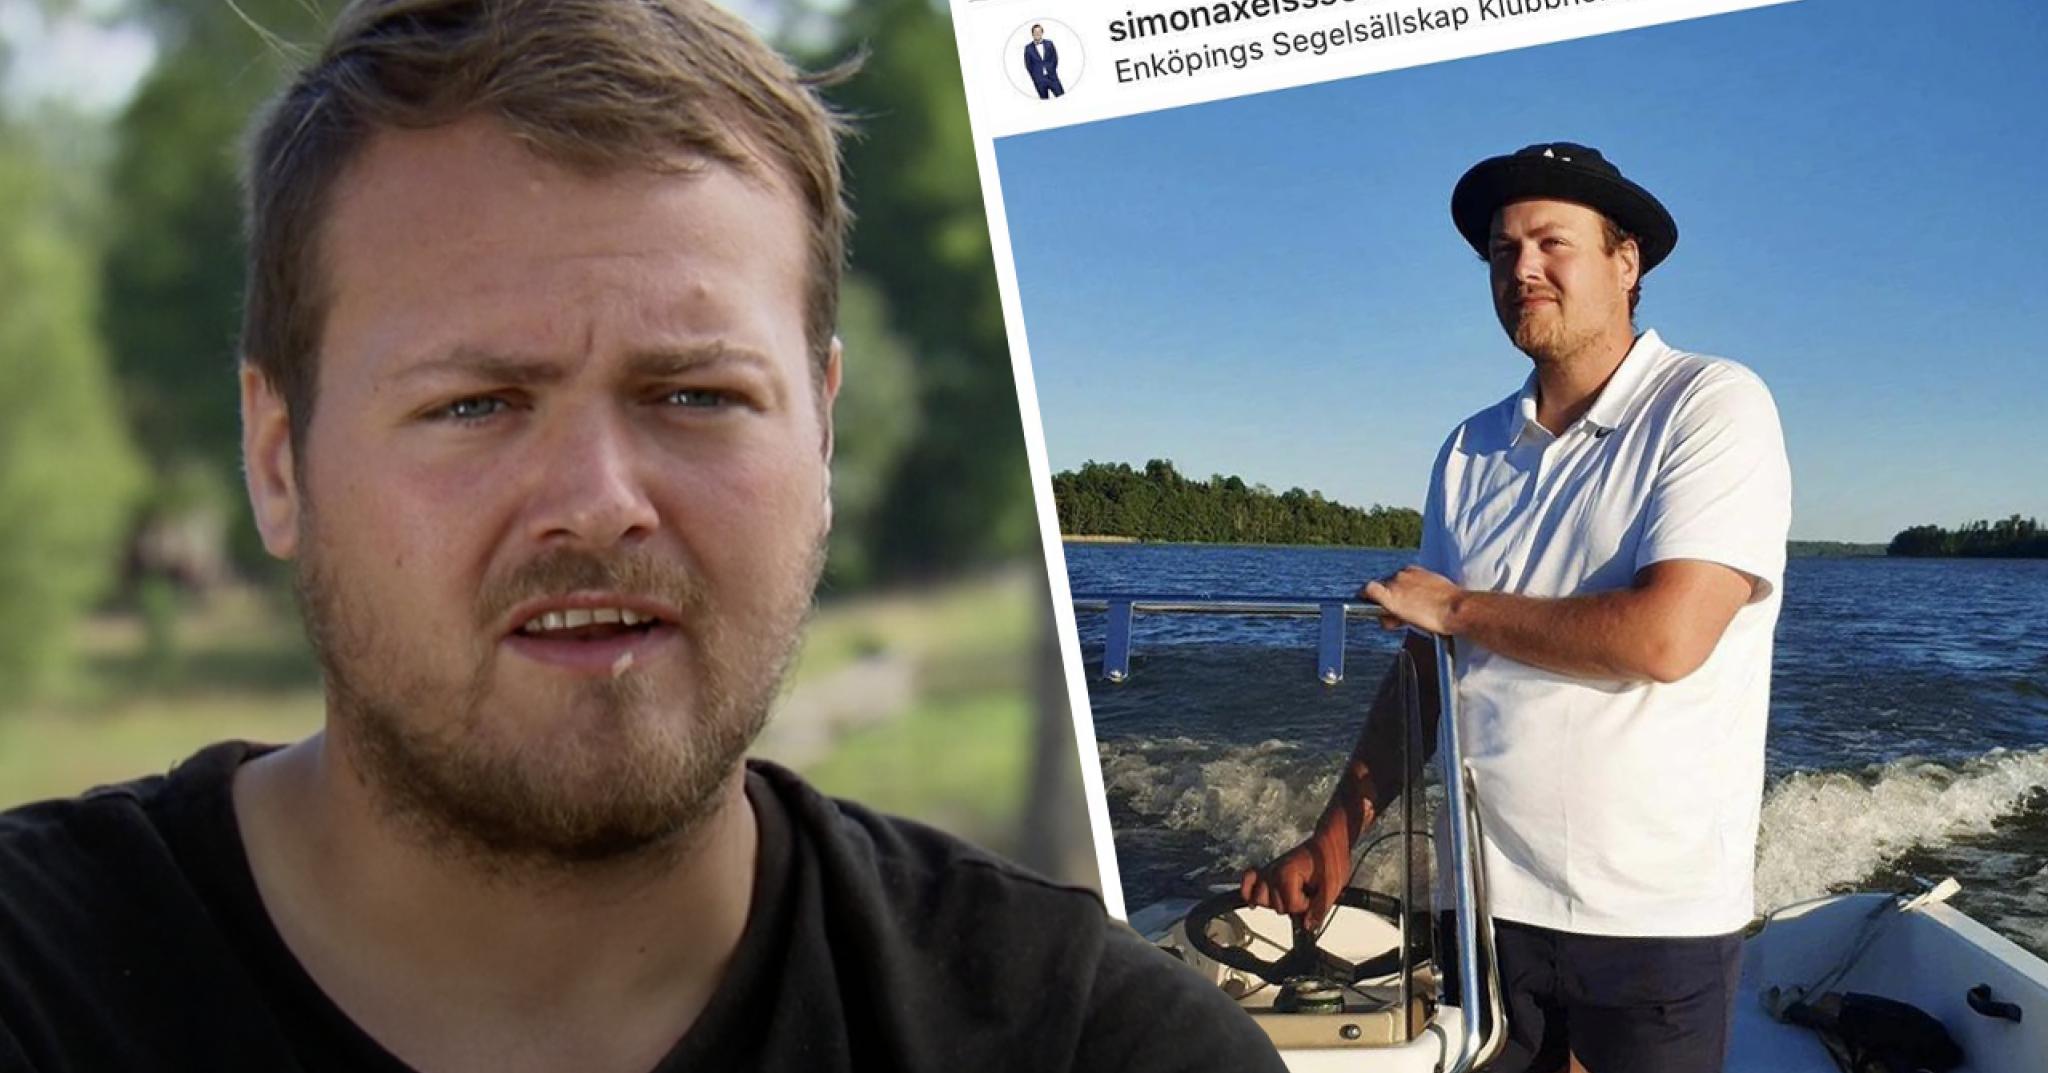 Farmen Simon Axelsson skolan åker båt